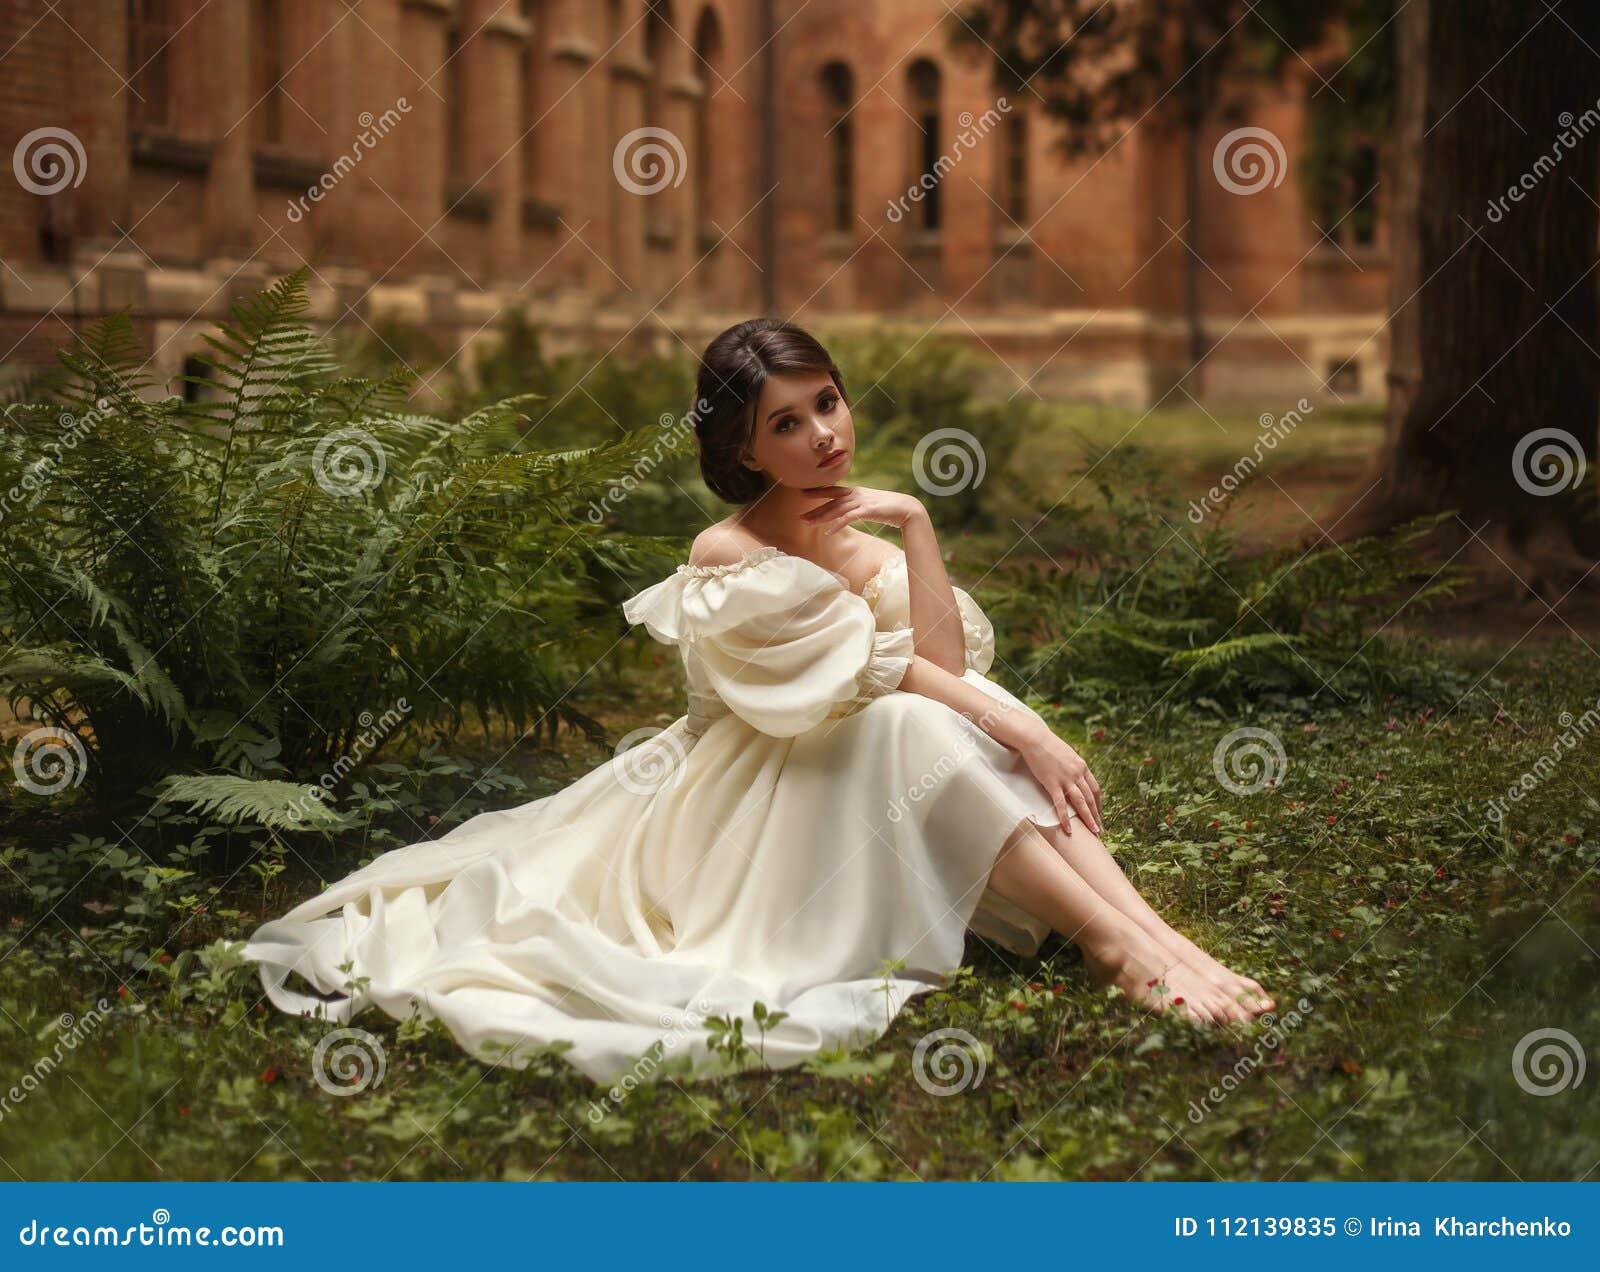 Niesamowicie piękny princess siedzi w grodowym ogródzie wśród mech i paproci Pięknie dziecięca twarz i